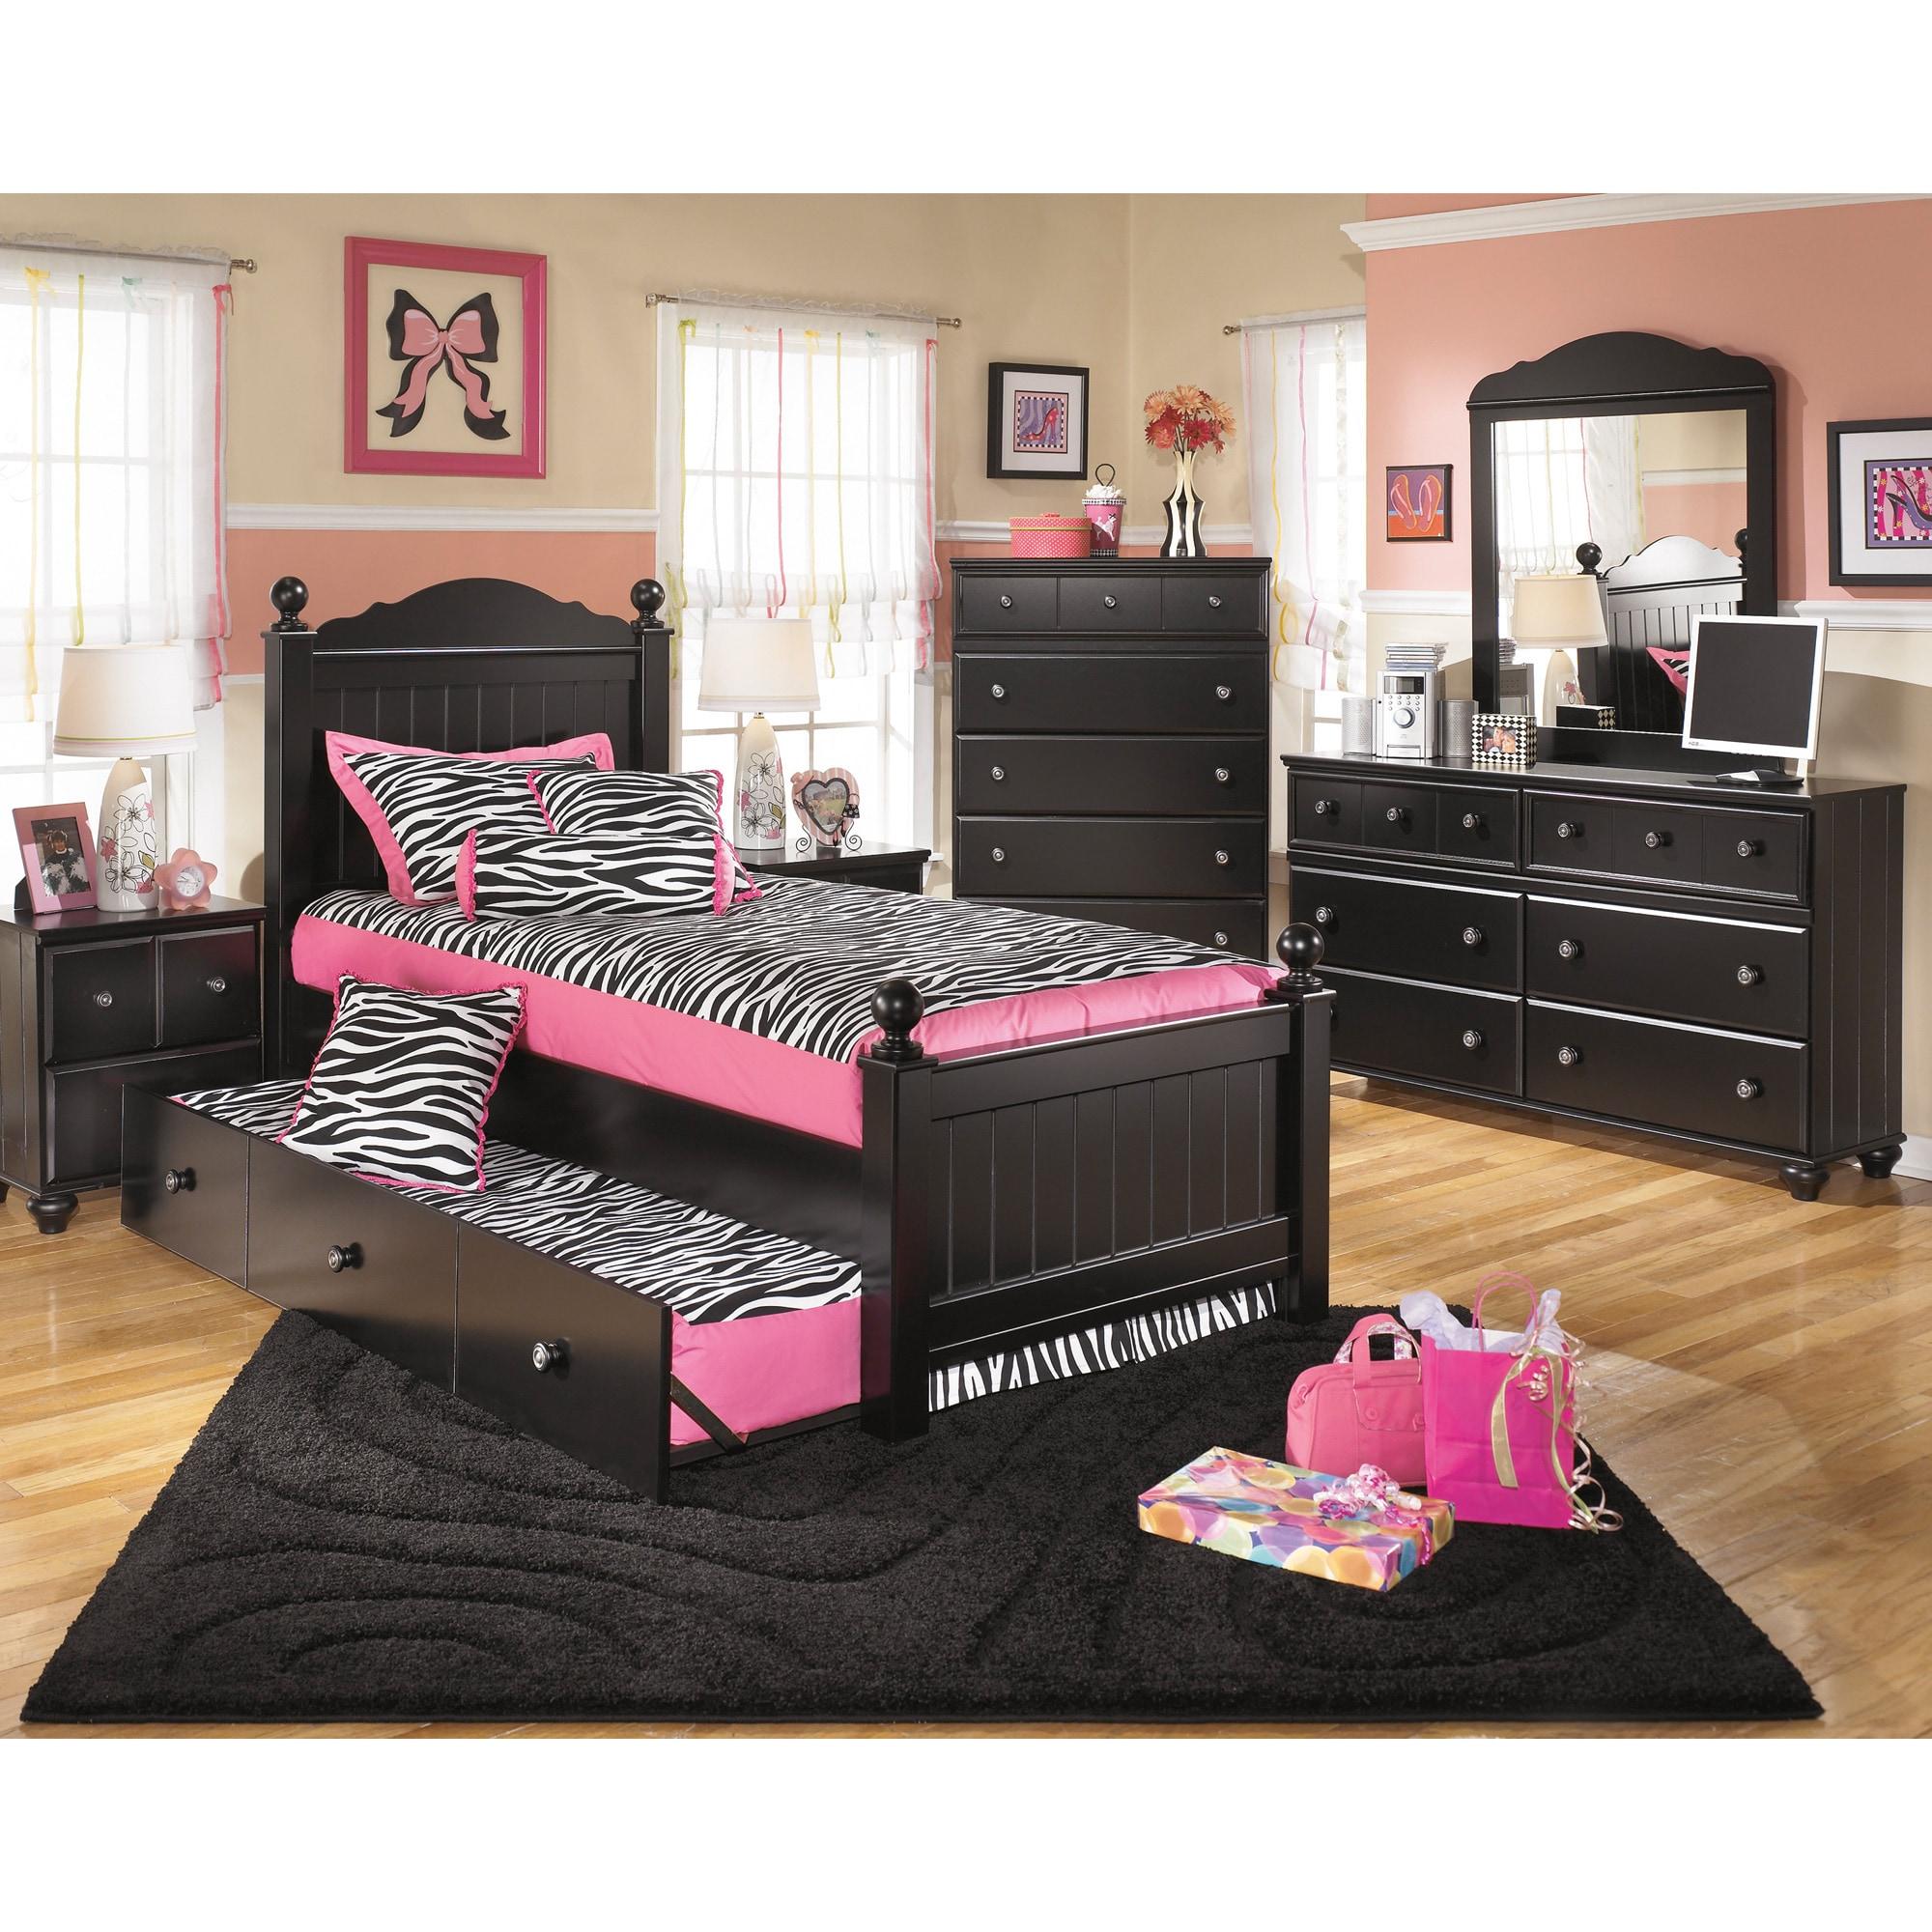 Ashley Jaidyn Black Poster Bed Set with Trundle (Jaidyn B...